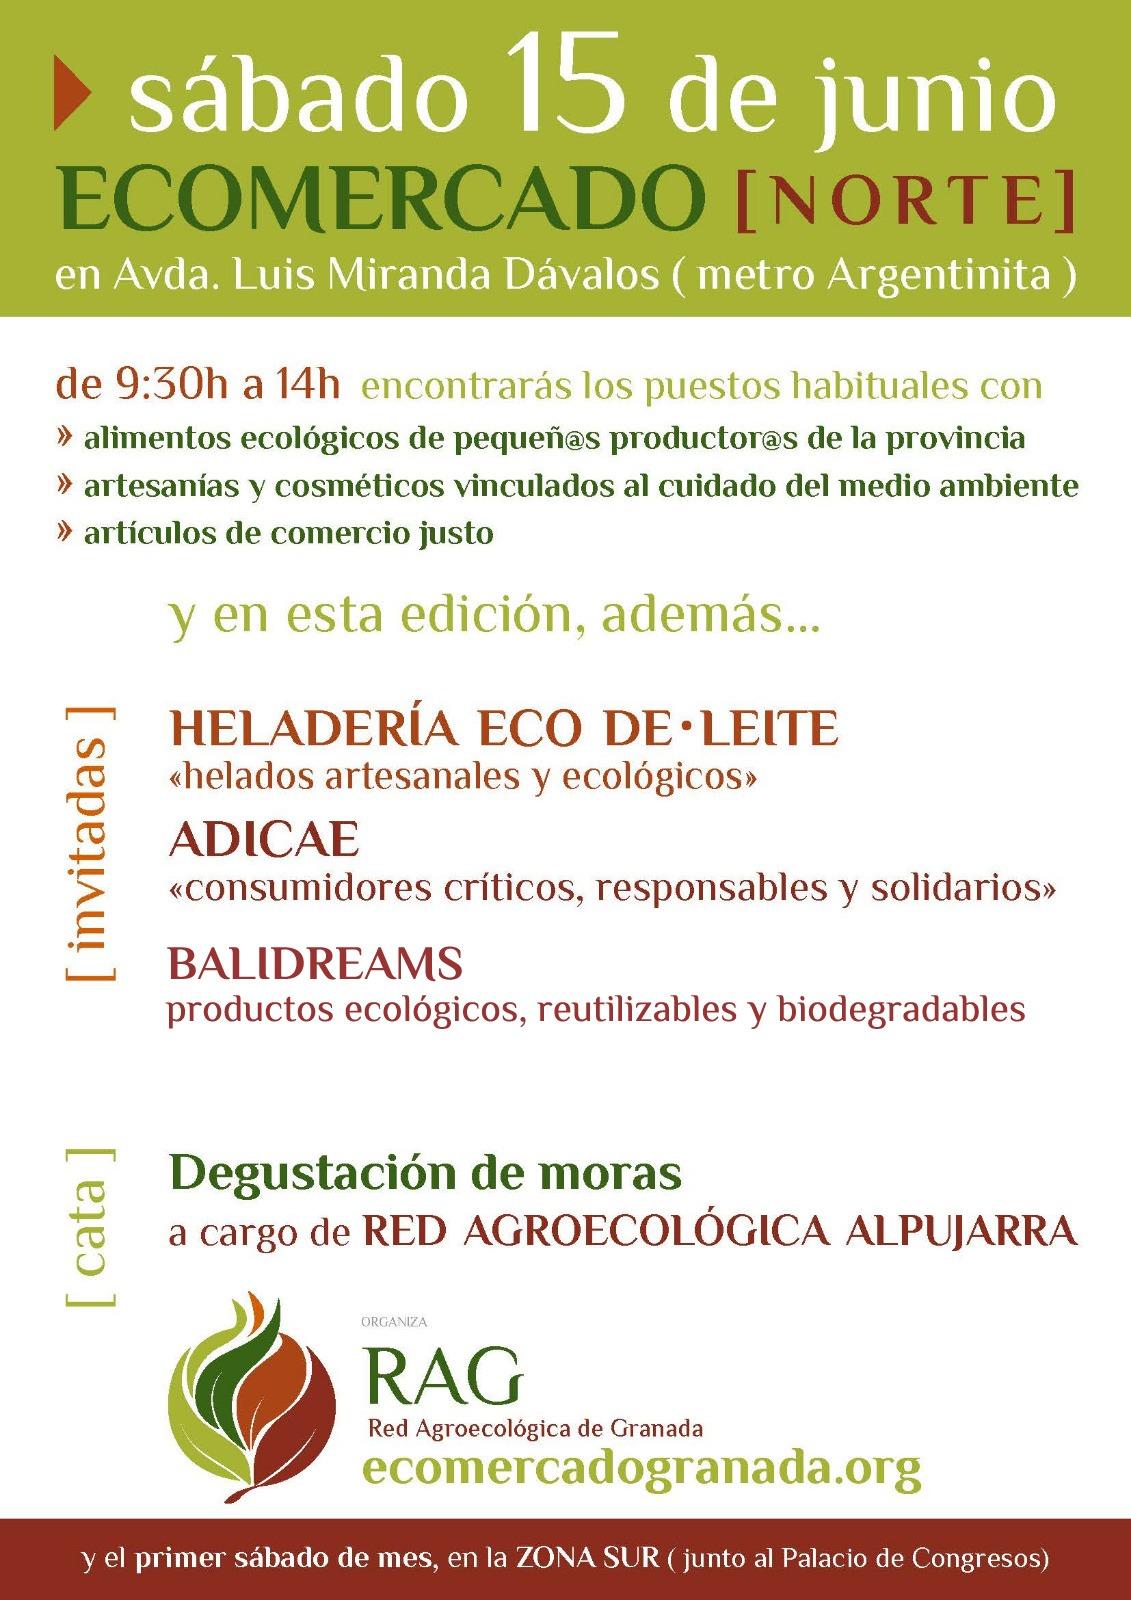 ADICAE Granada participará en el Mercado Agroecológico